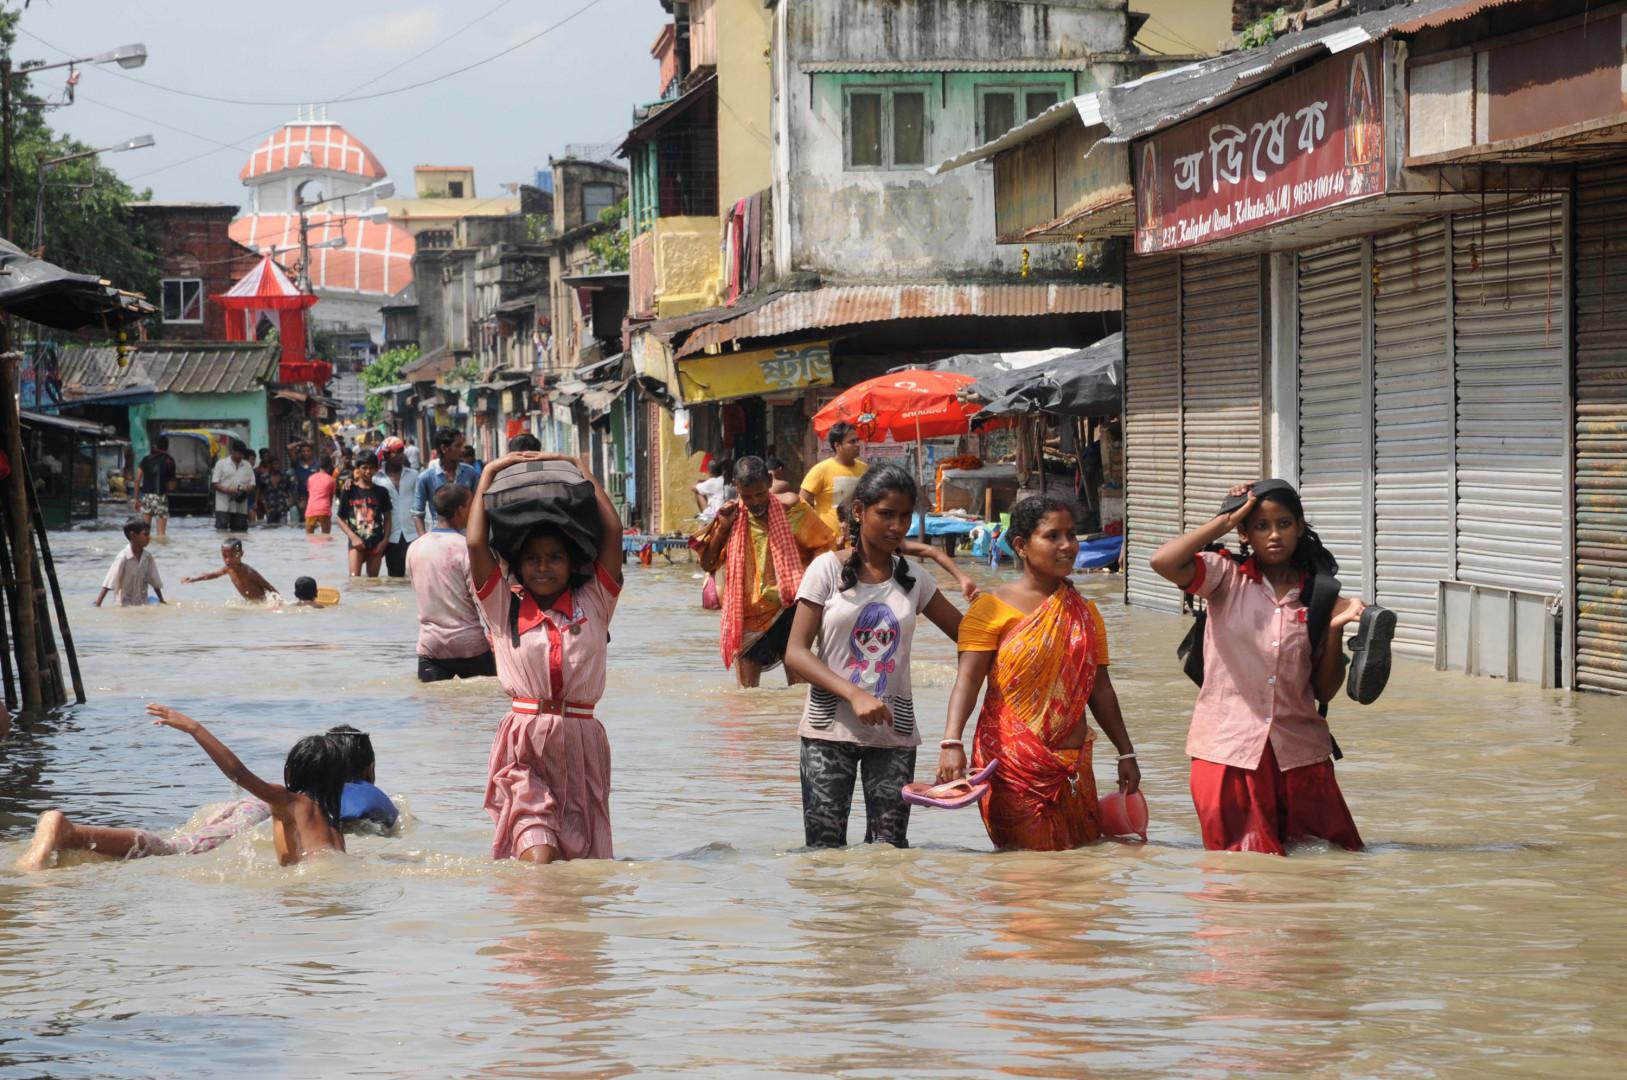 En Inde, les derniers chiffres officiels font état d'environ 200 décès